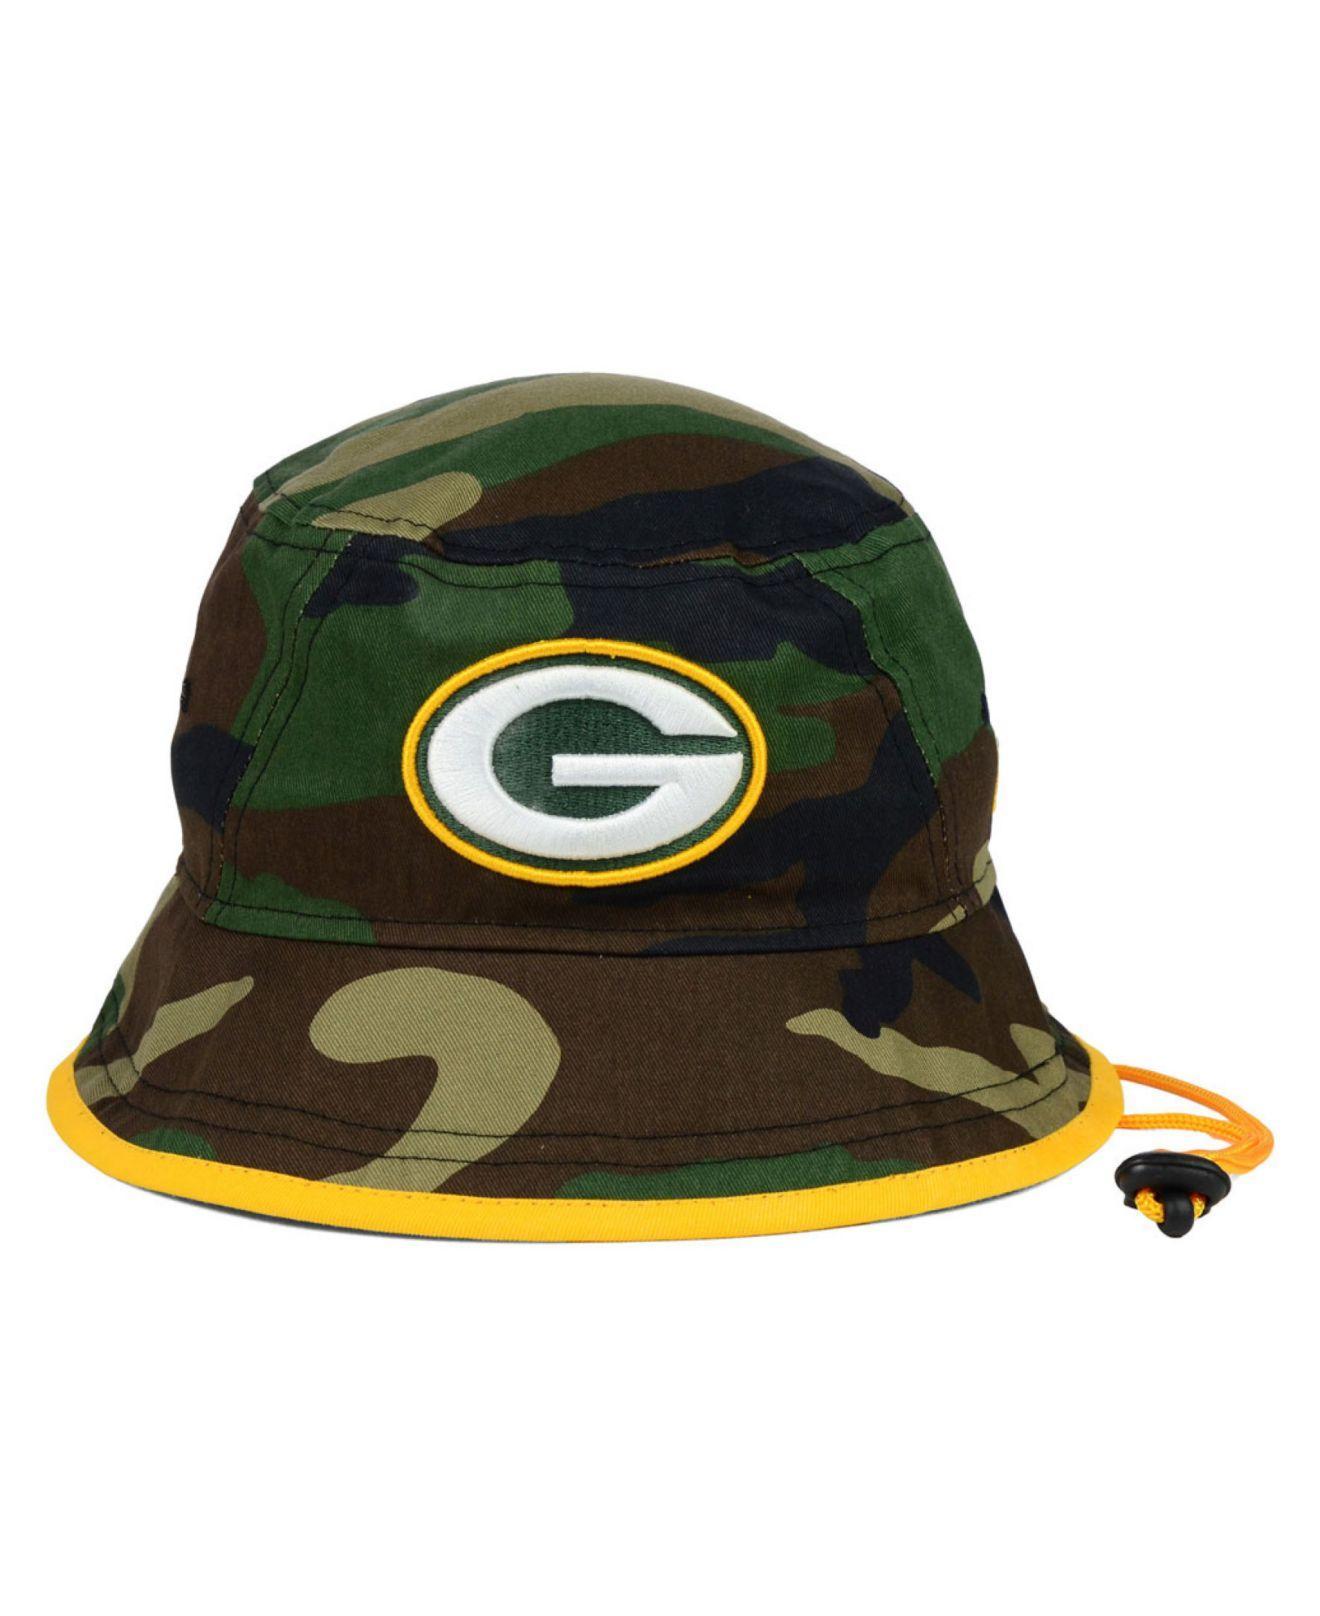 8148674f5689c sweden green bay packers camo bucket hat c62bd 5cf00